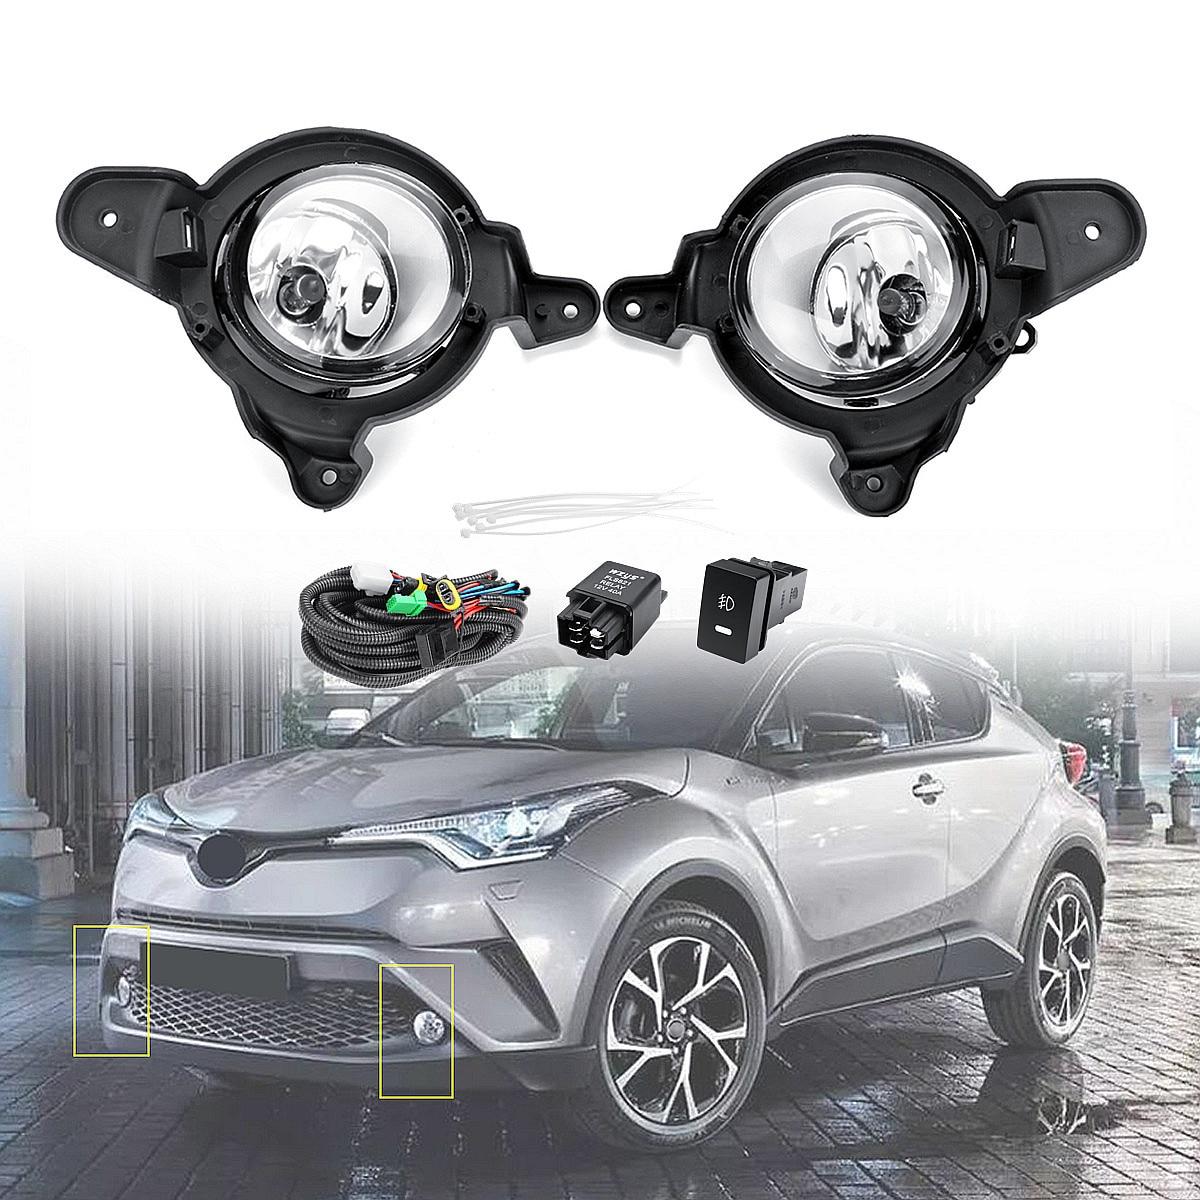 Pour Toyota C-HR CHR 2016-2018 Pare-chocs Avant Lumière Brouillard Lampe Avec Fils de L'interrupteur DC 12 v 55 w 100% Étanche H11 Halogène 9x11x12 cm